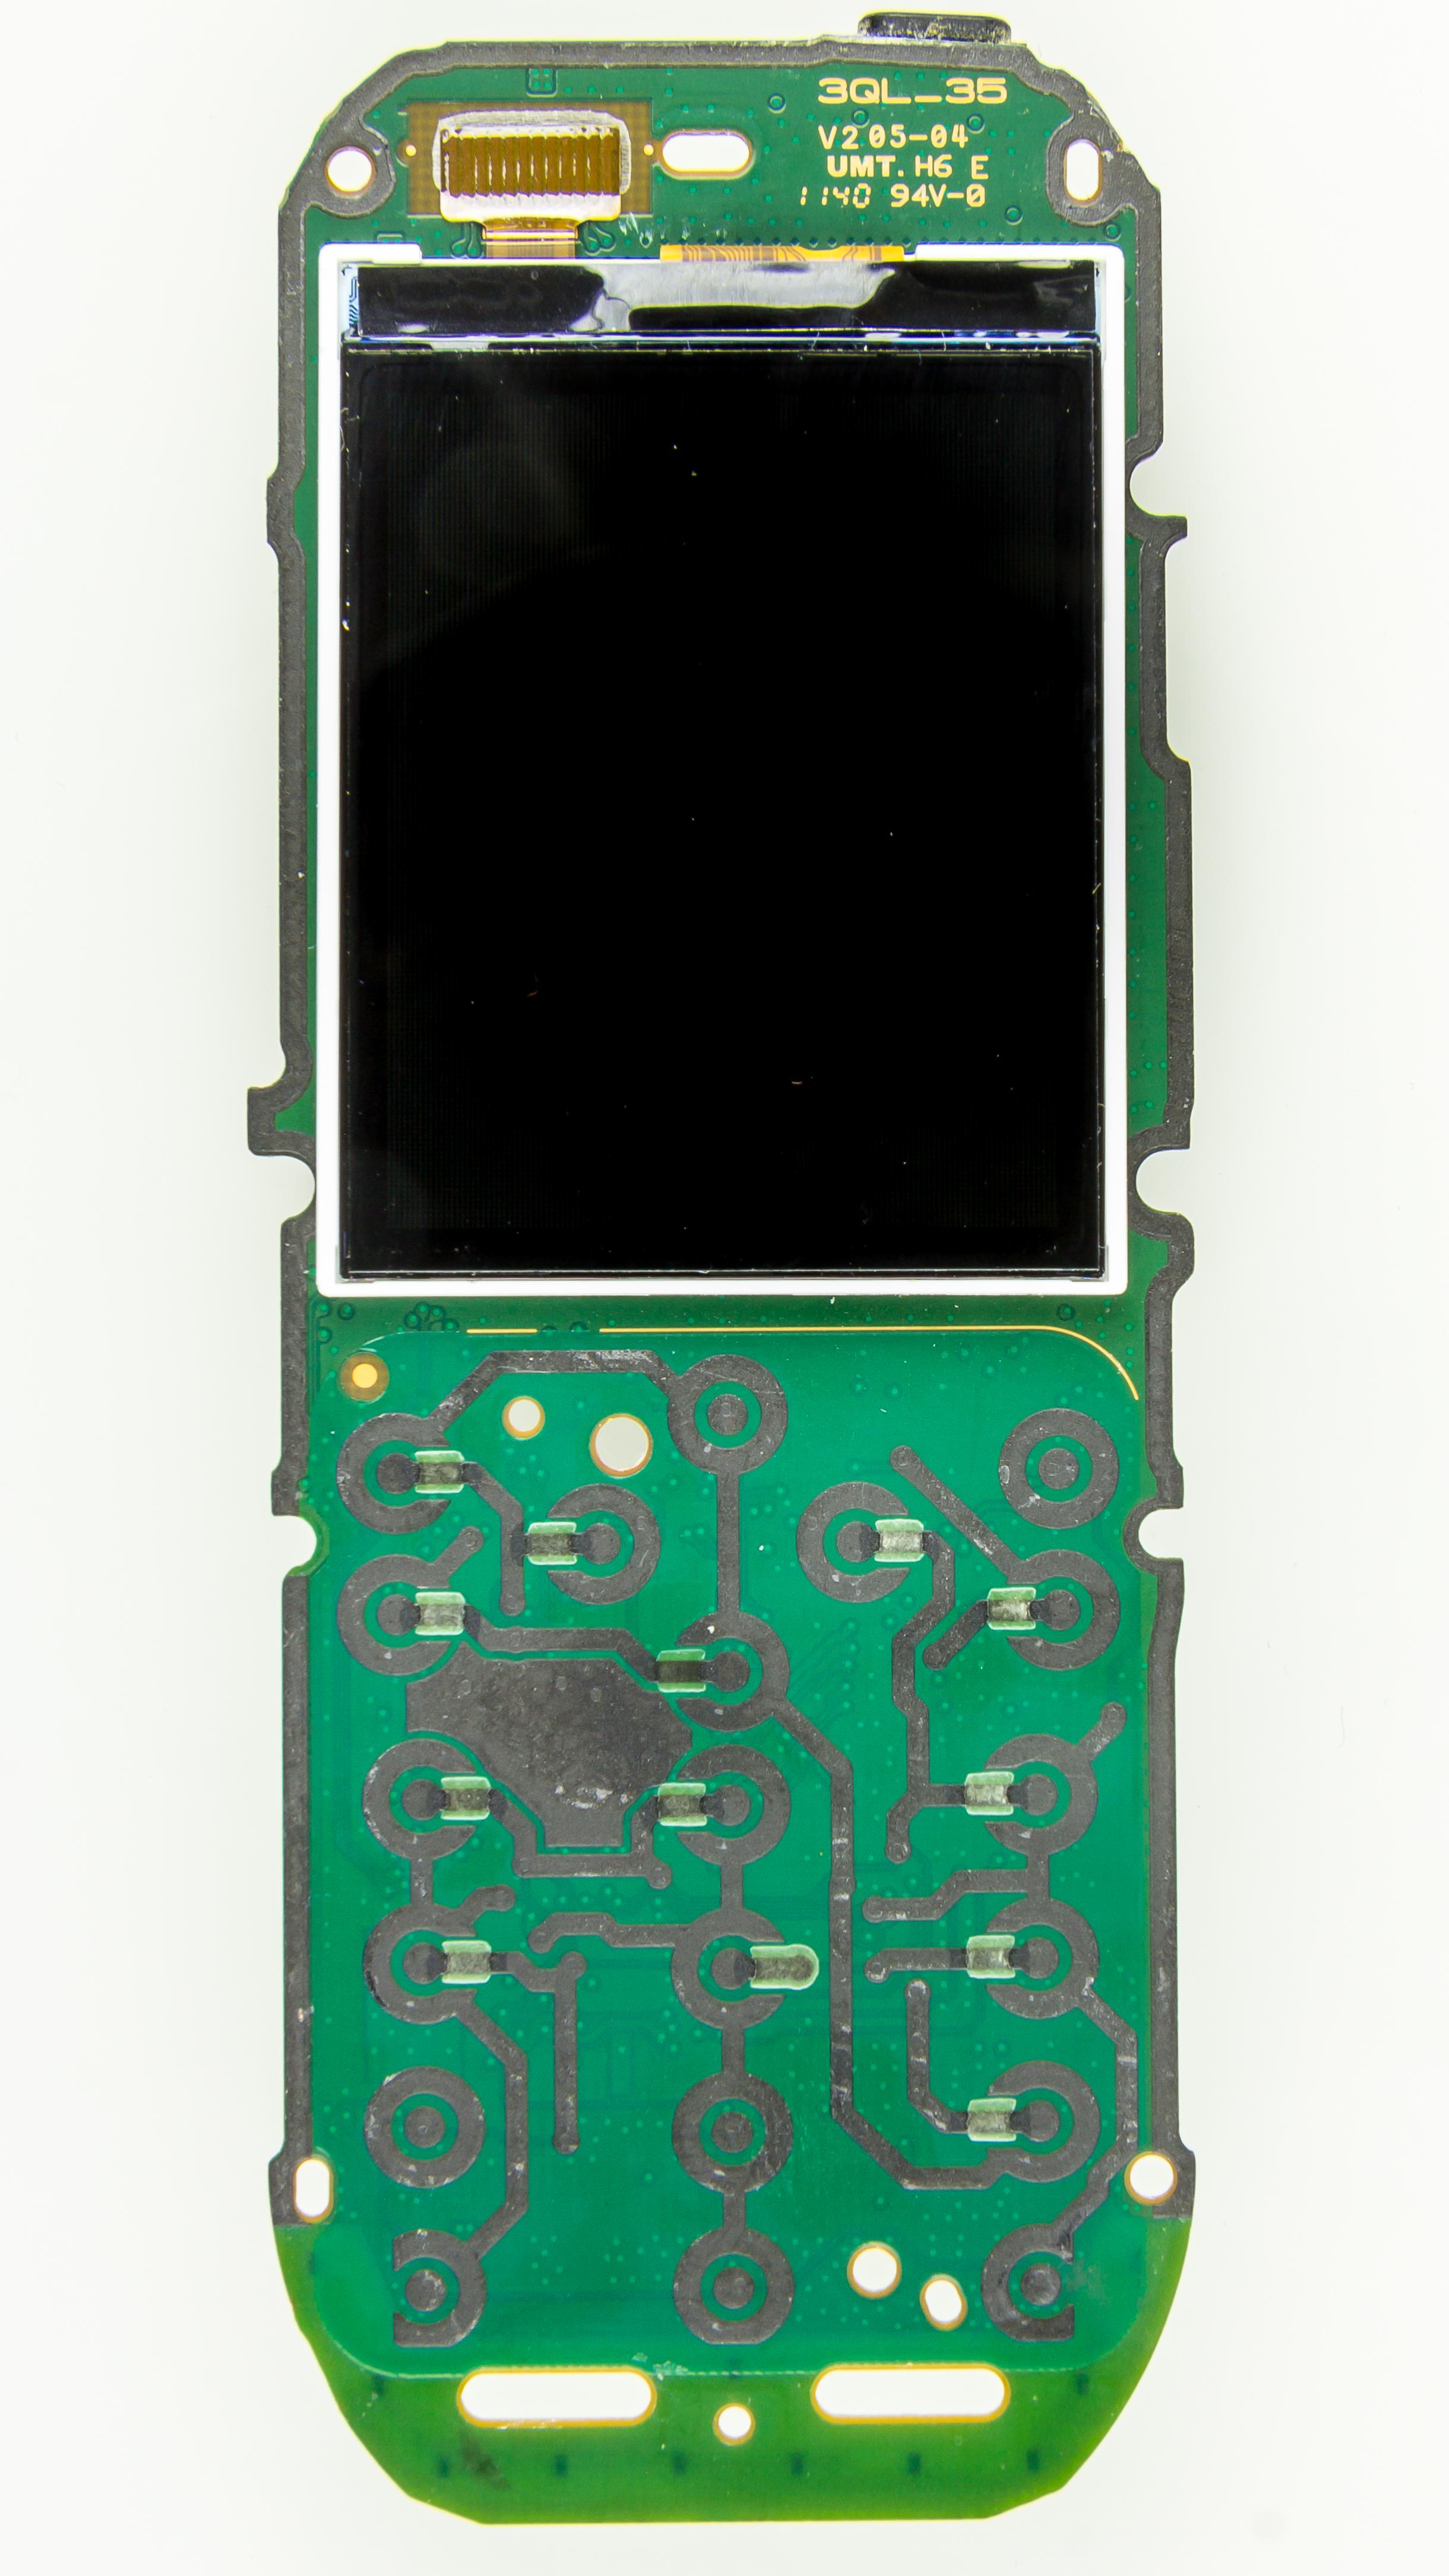 Filenokia 101 Display Keyboard Side Of Printed Circuit Board Images 1144